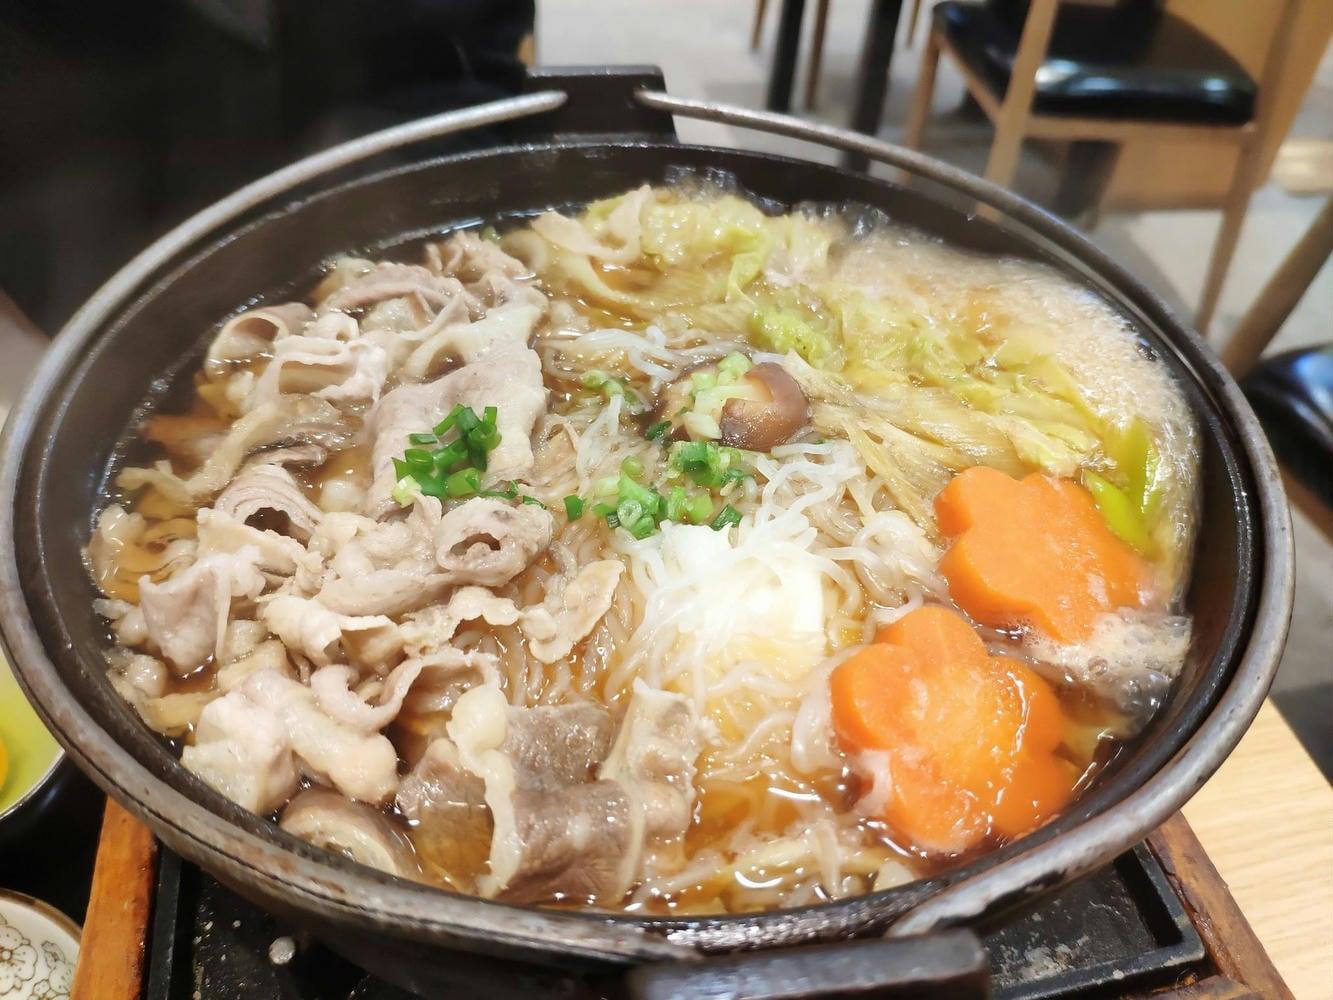 肥牛烤鳗寿喜锅